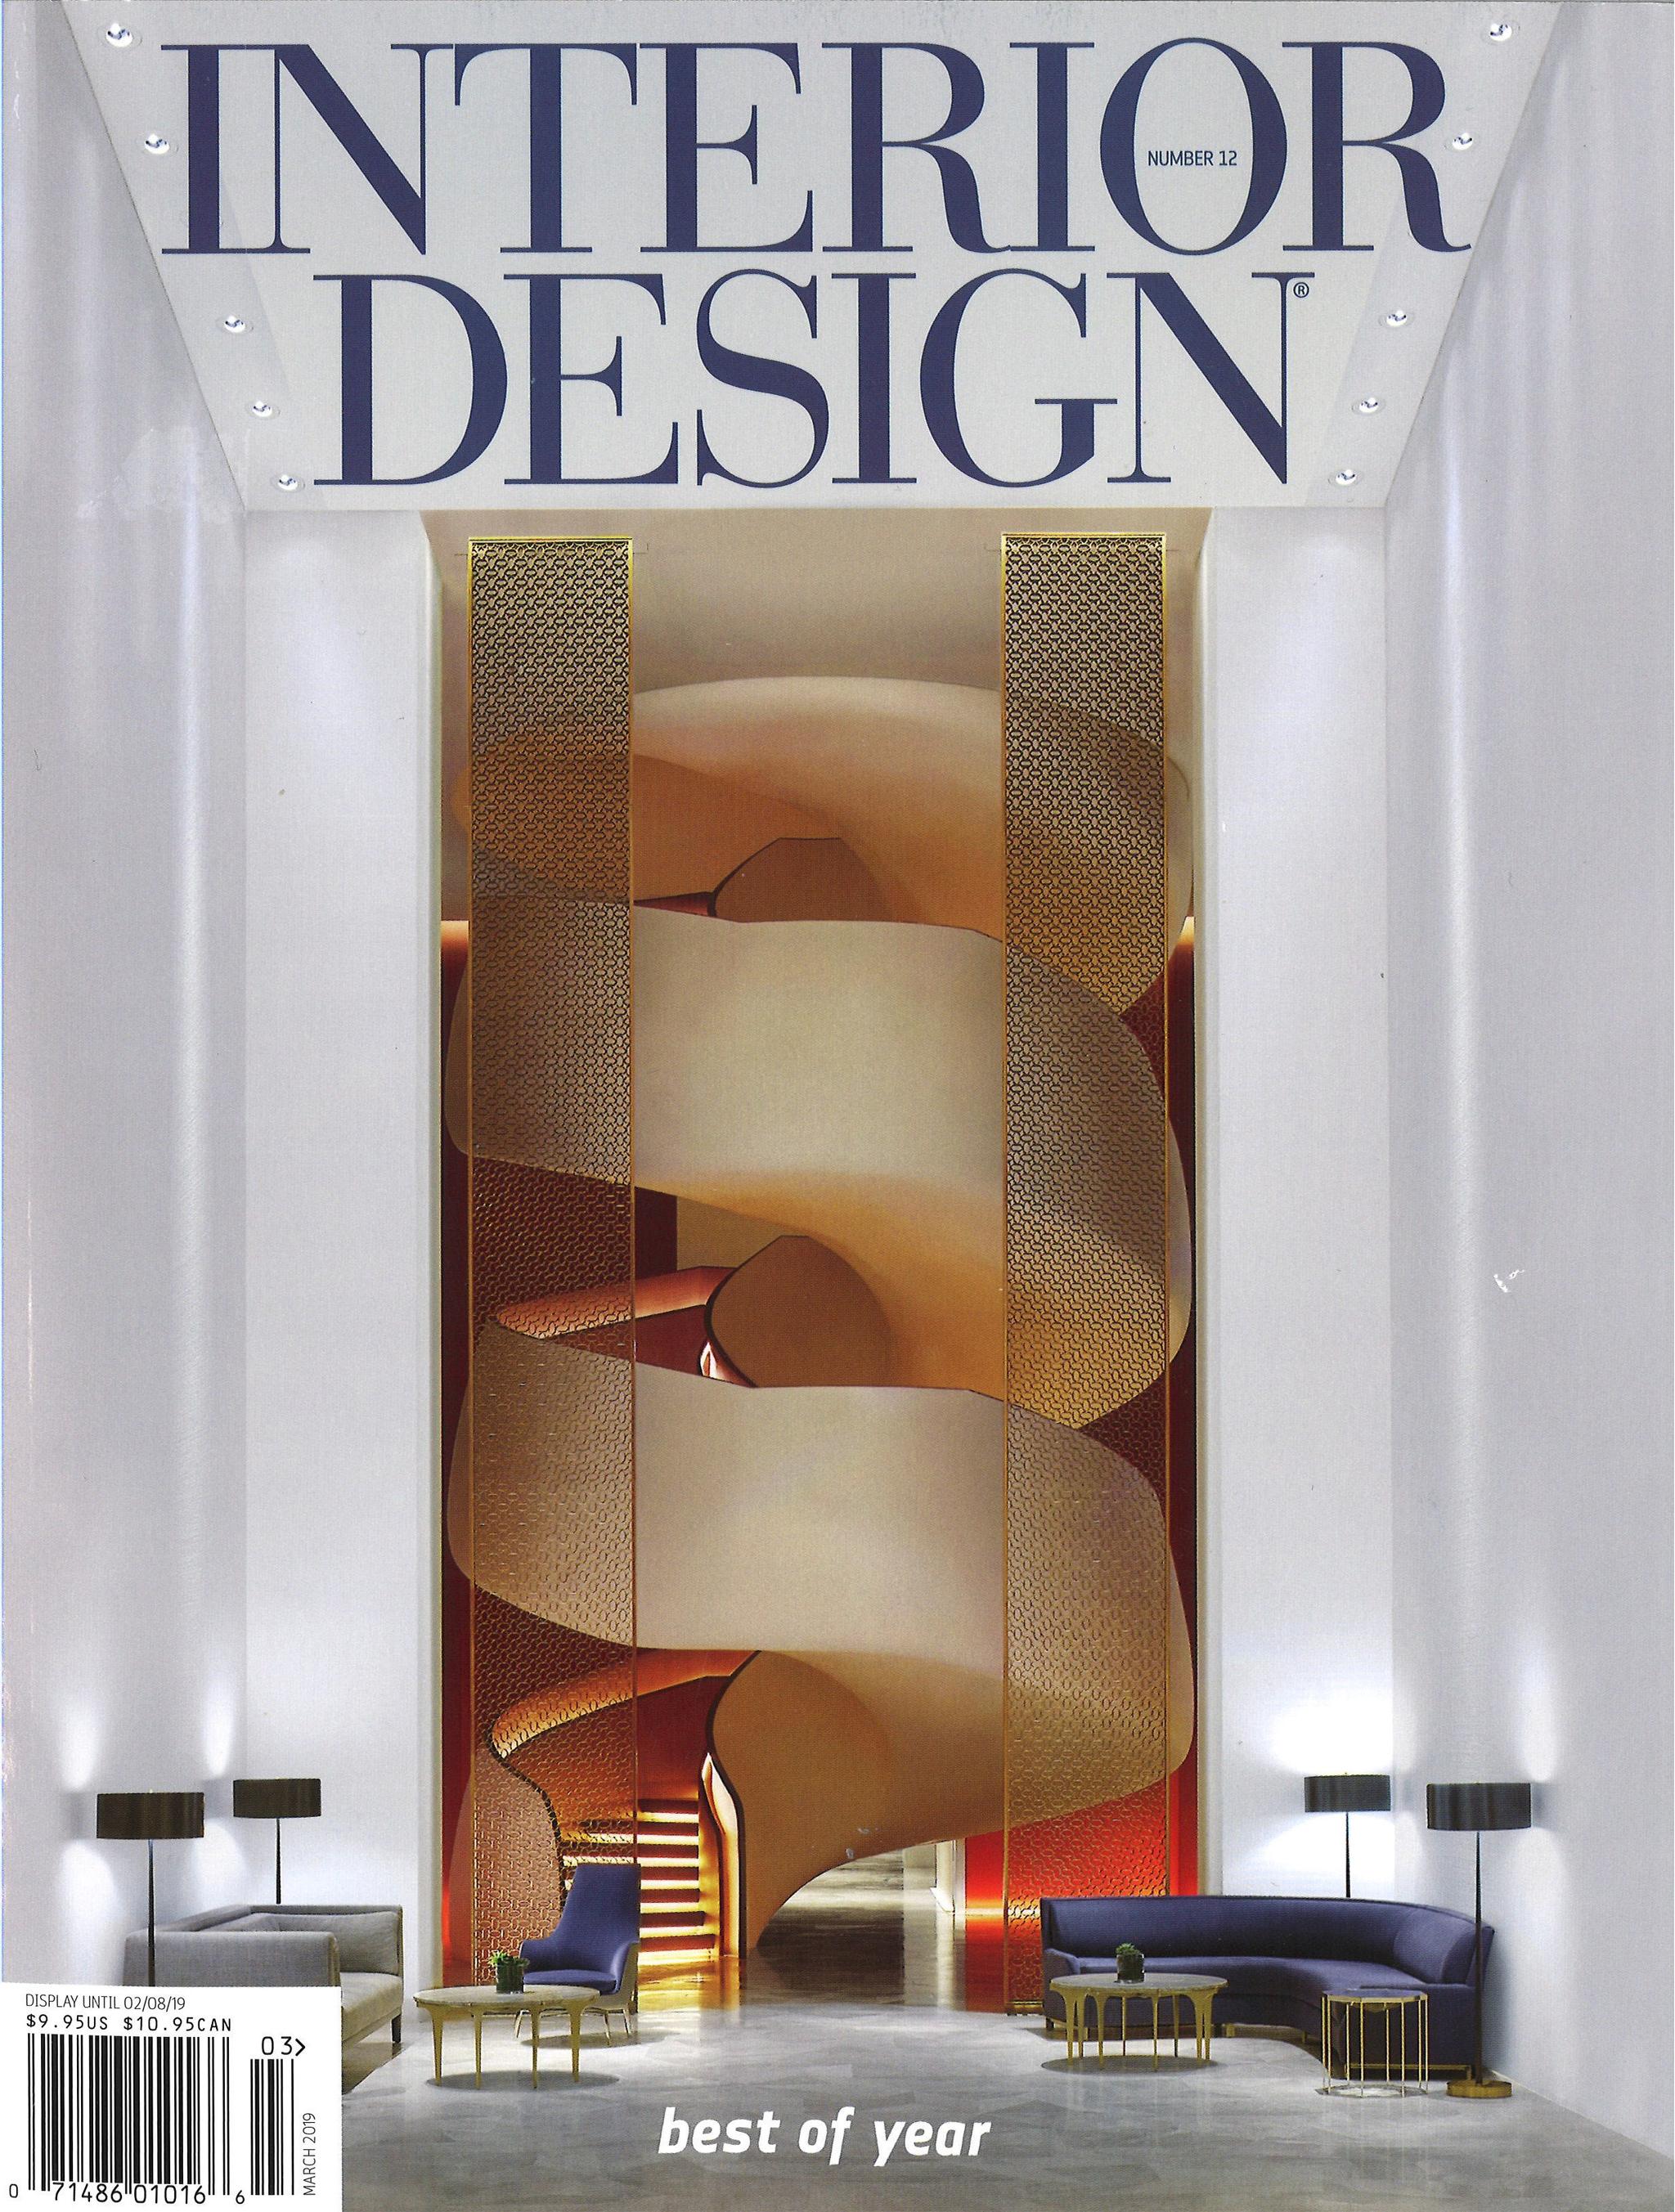 Interior Design Magazine Best of Year Award